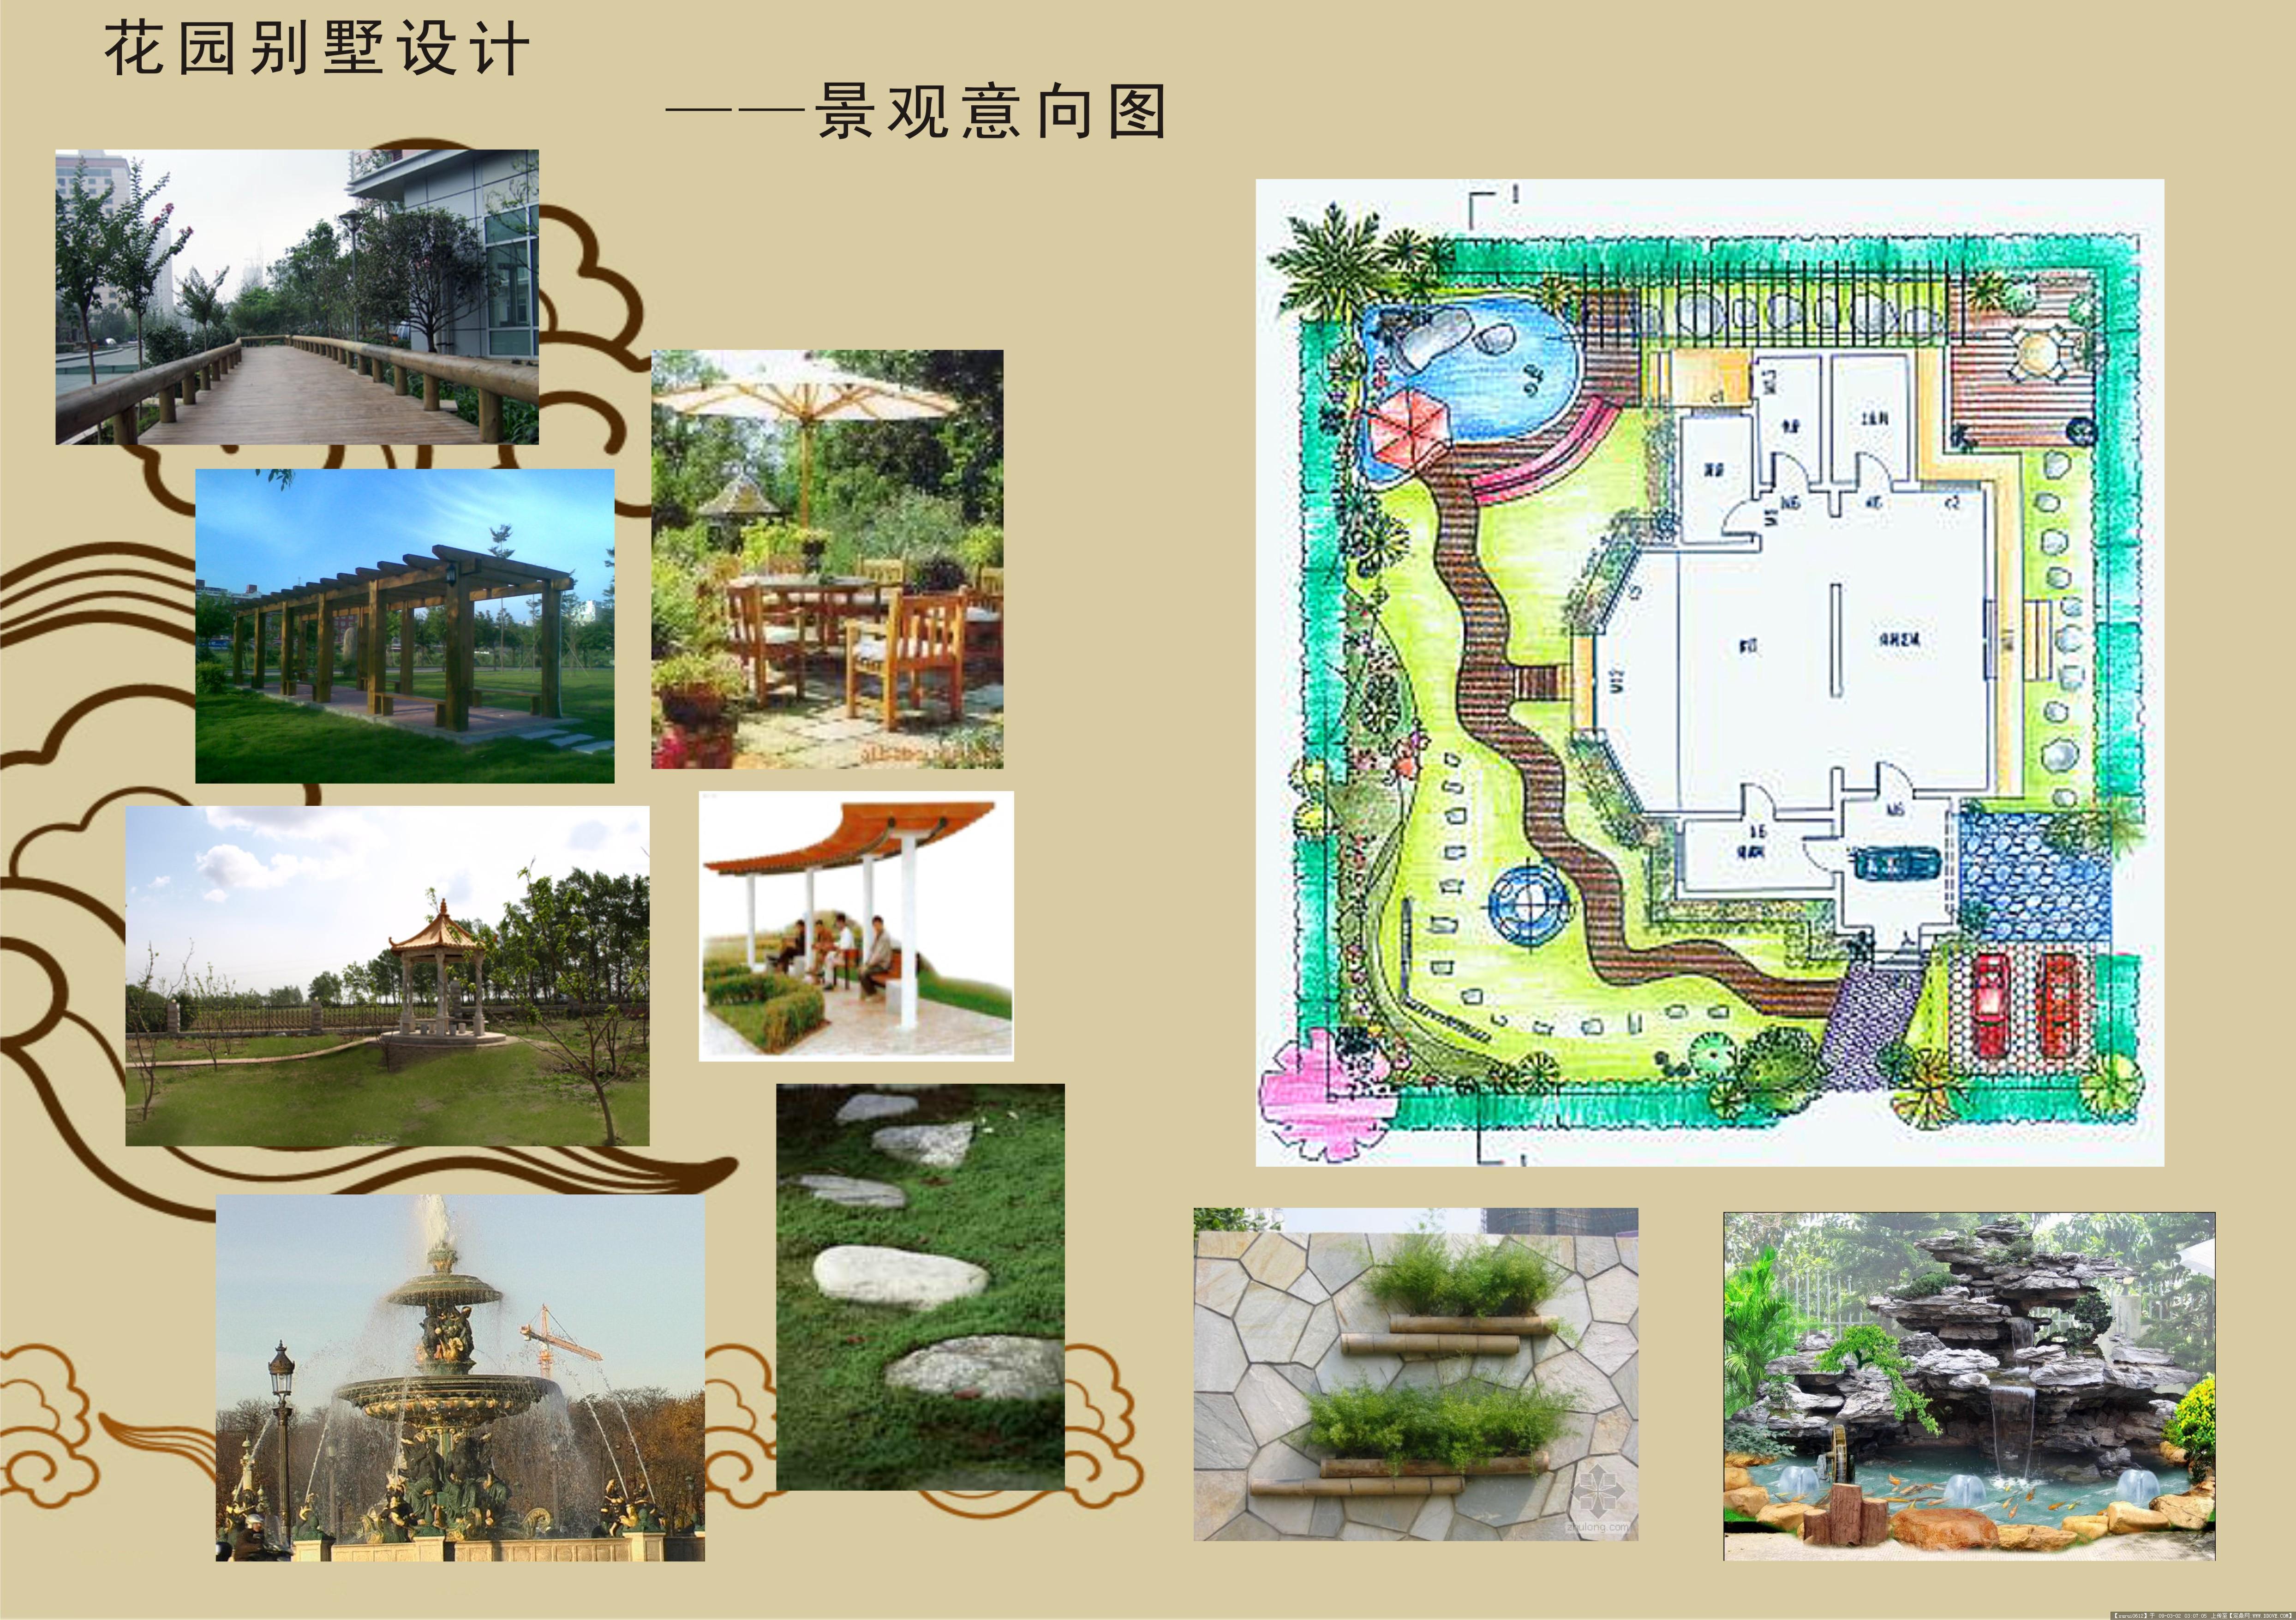 花园别墅景观设计的图片浏览,园林项目案例,花园庭院